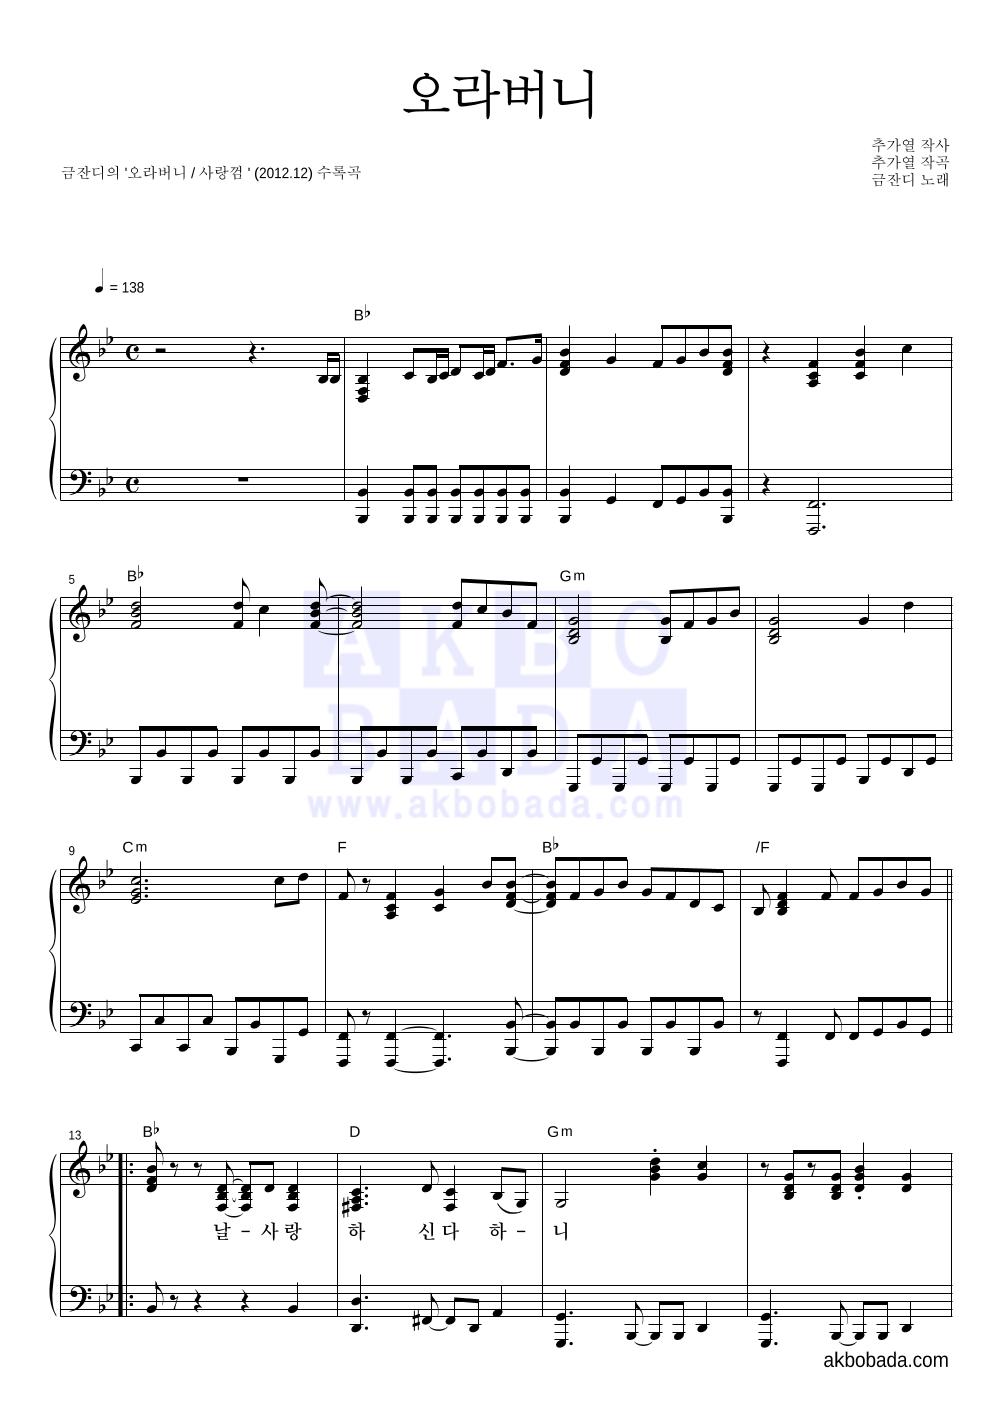 금잔디 - 오라버니 피아노 2단 악보